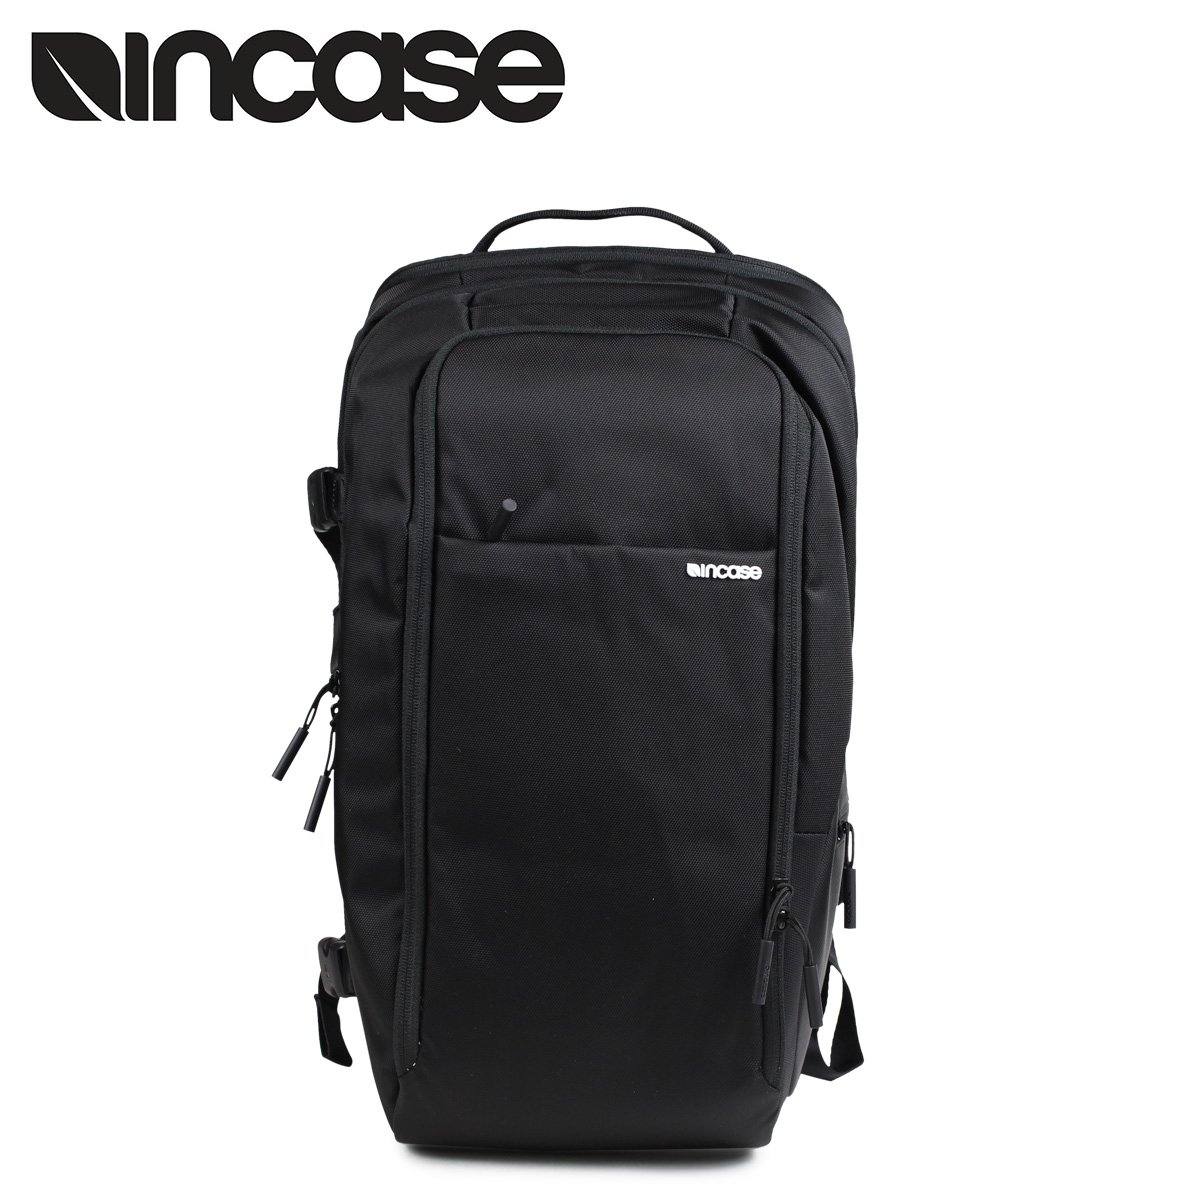 【最大2000円OFFクーポン】 INCASE インケース リュック バッグパック カメラバッグ メンズ レディース CAMERA PRO PACK ブラック 黒 INCO100326 [4/10 新入荷]